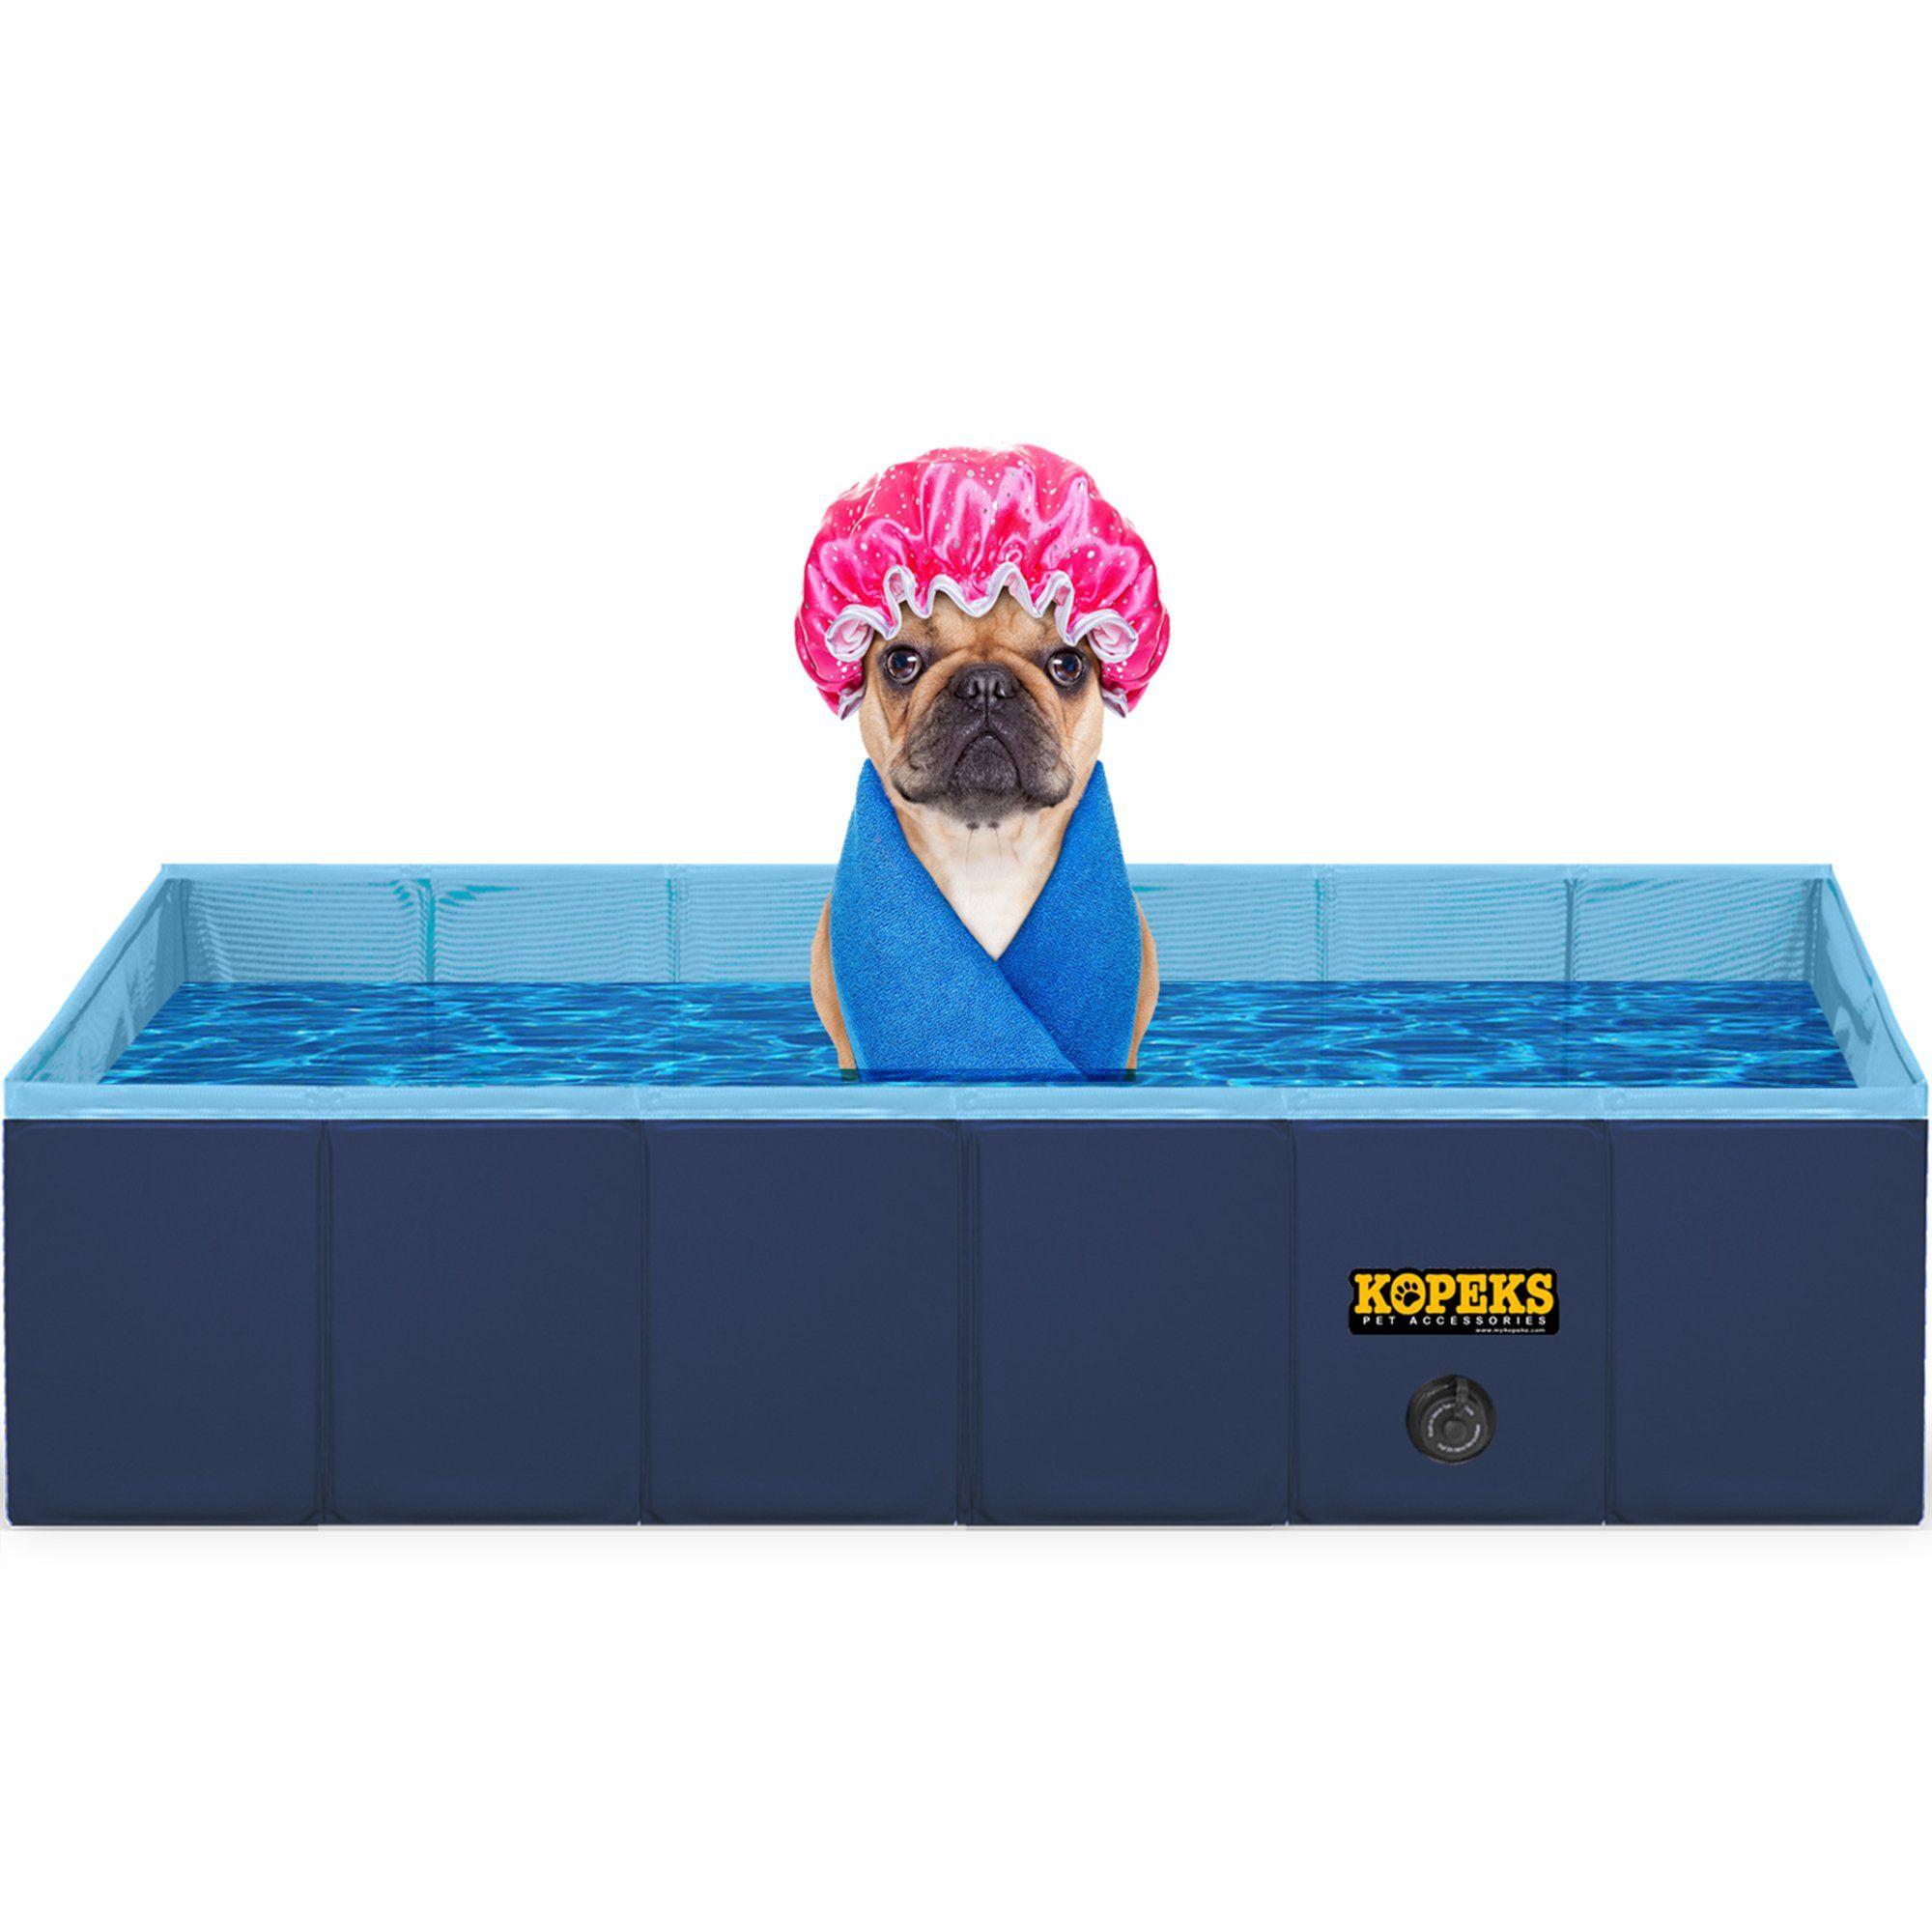 Kopeks Rectangular Outdoor Pet Blue Swimming Pool Large